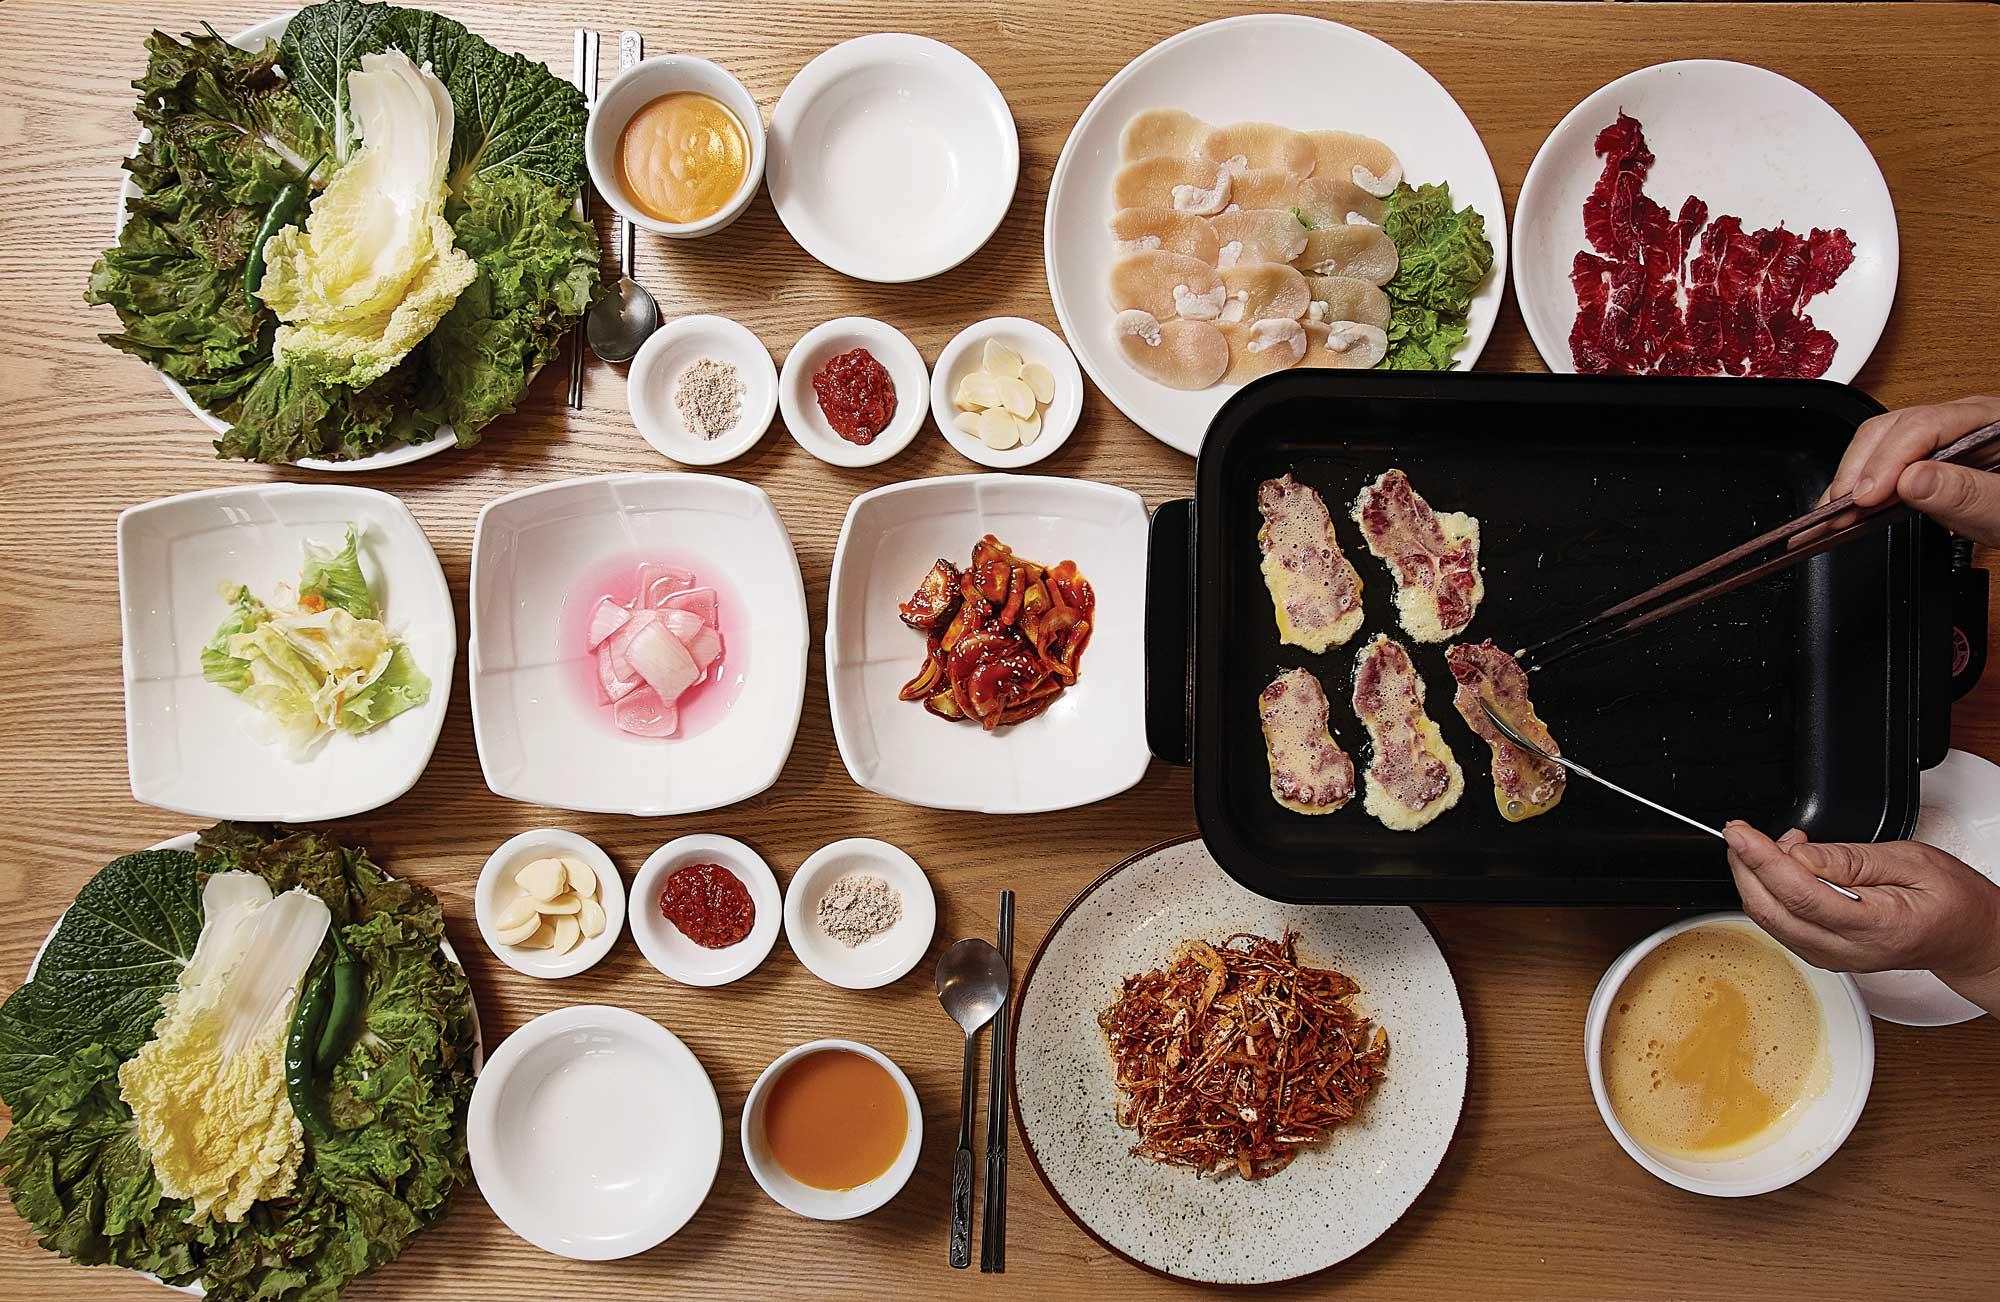 대광식당의육전.갓부친따끈따끈한육전을맛볼수있다 ©김재욱